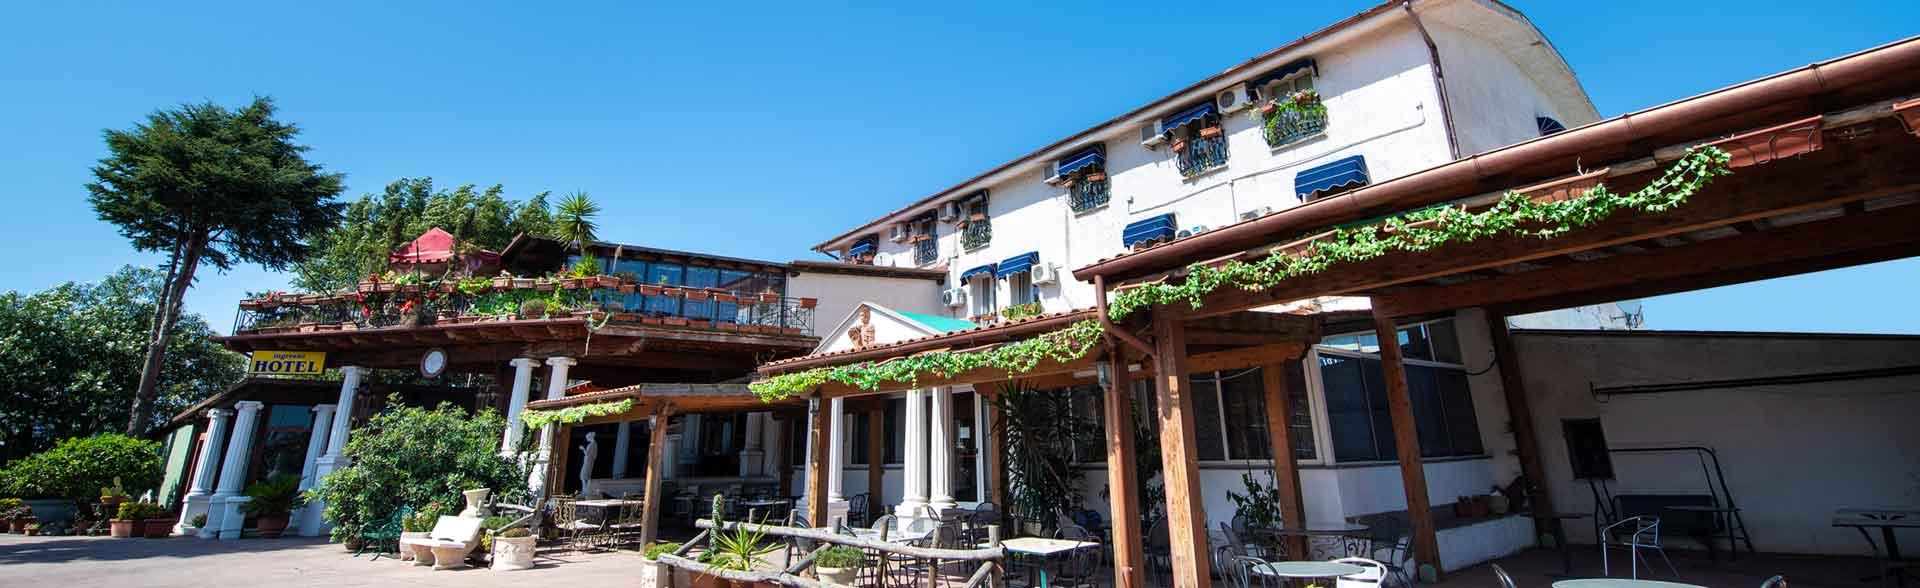 Hotel Chopin Roma Fiumicino